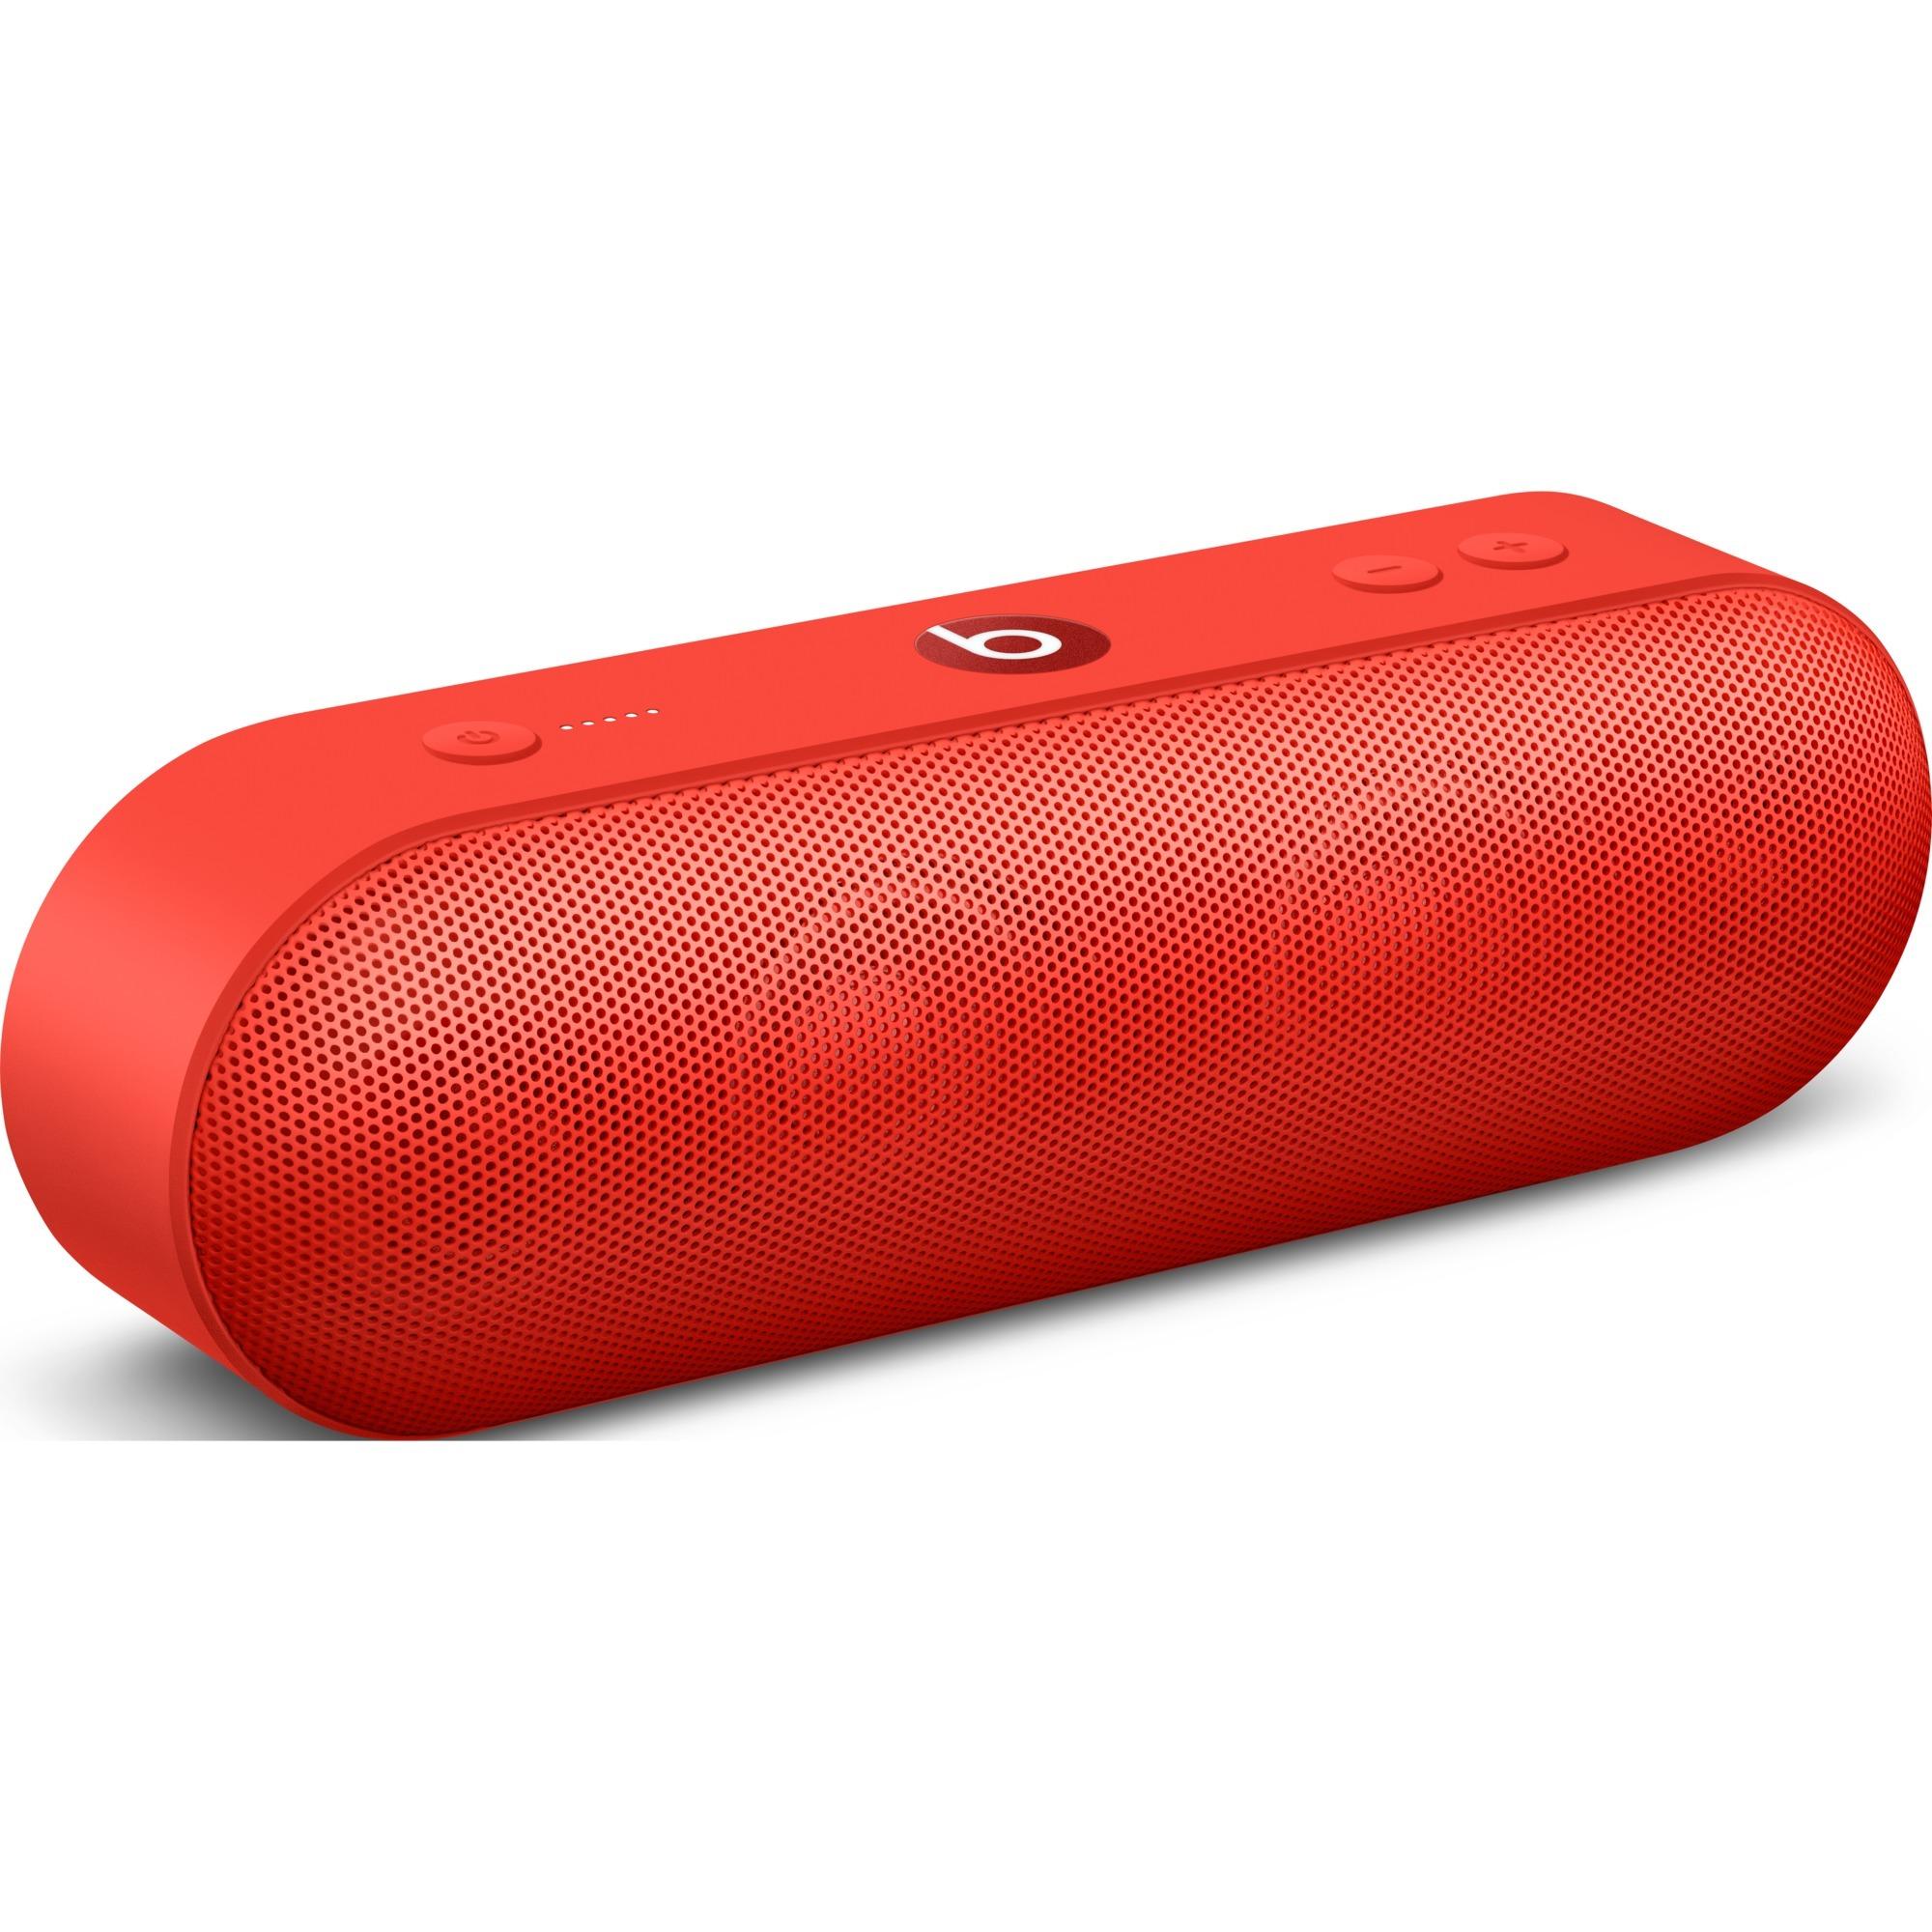 Beats Pill+ Stereo portable speaker Rojo, Altavoz